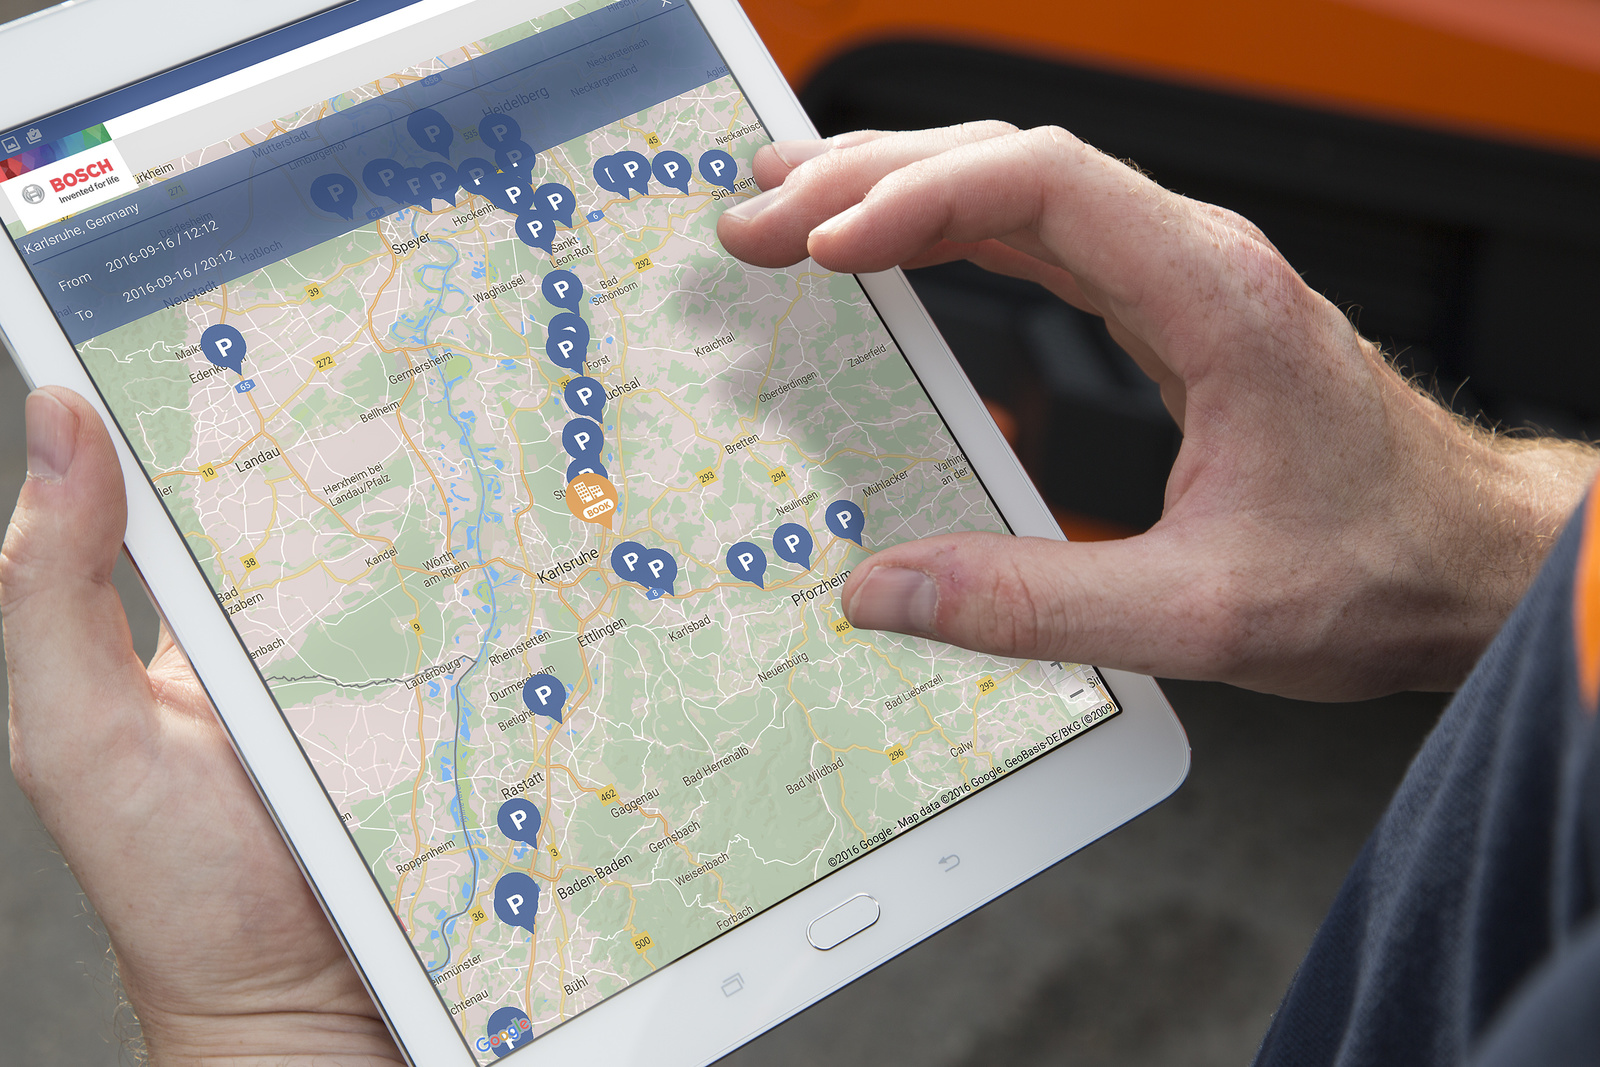 Bezpečné parkovanie nákladných vozidiel od firmy Bosch: bezpečie pre vodiča aj náklad